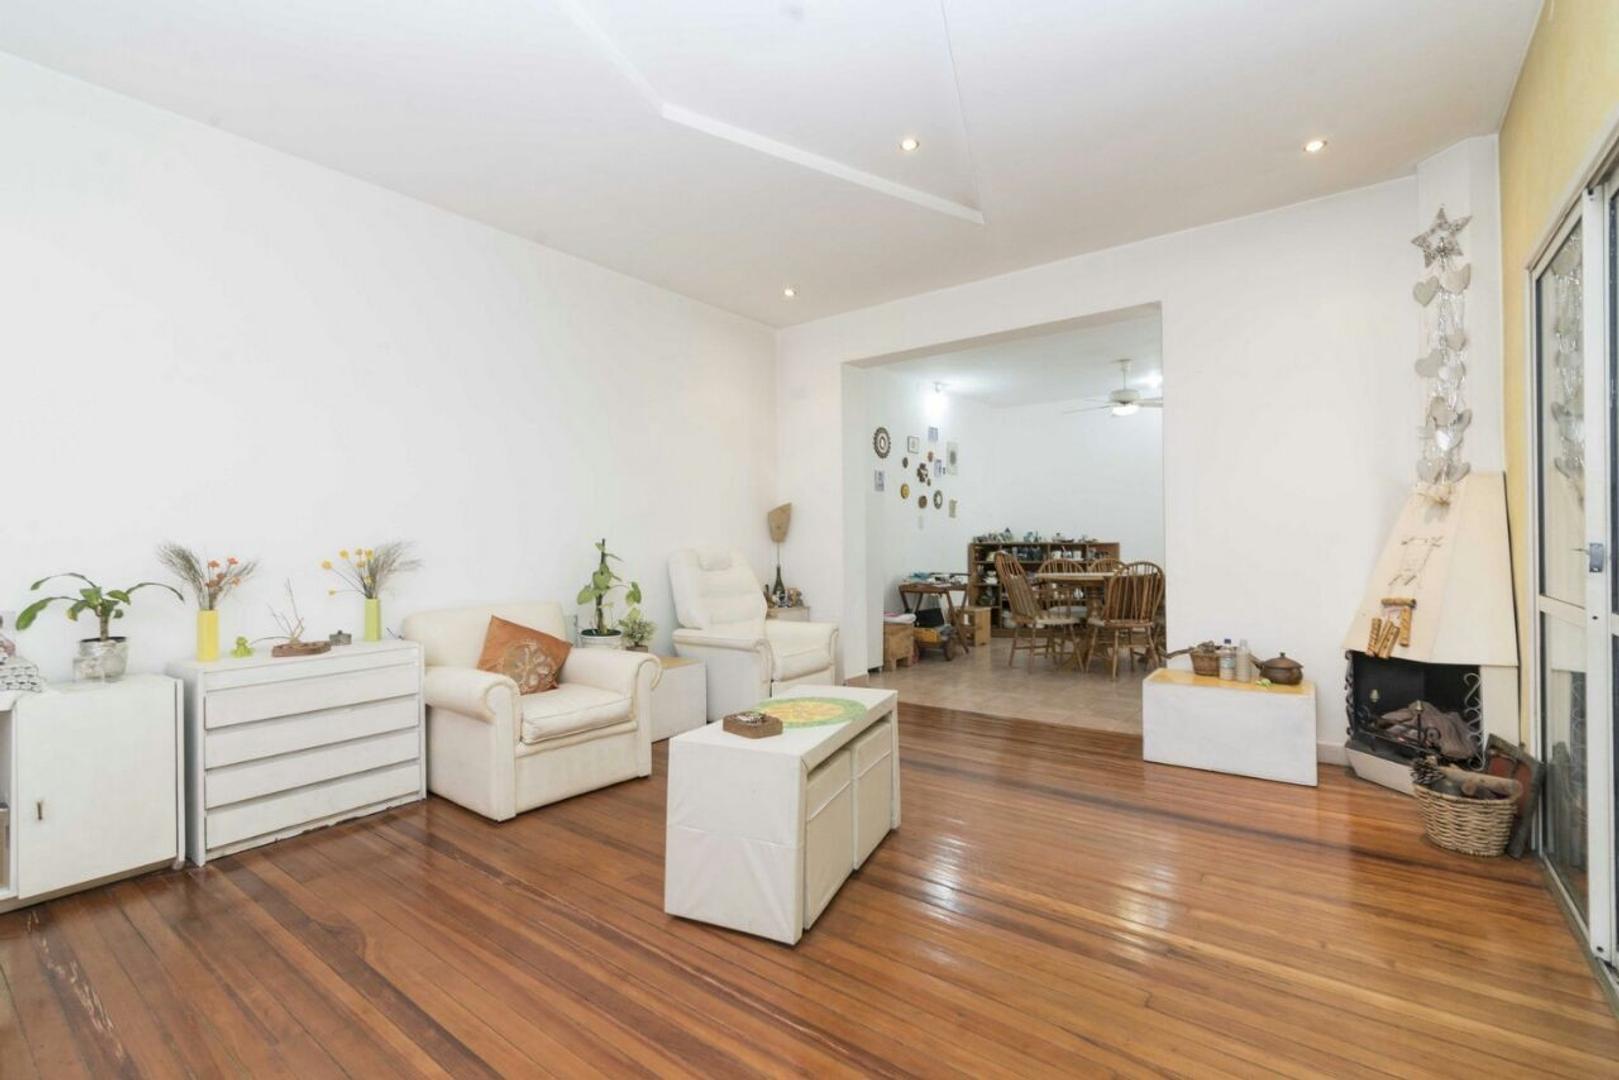 Vendo casa zona Agustiniano dueño directo, nueva cotización